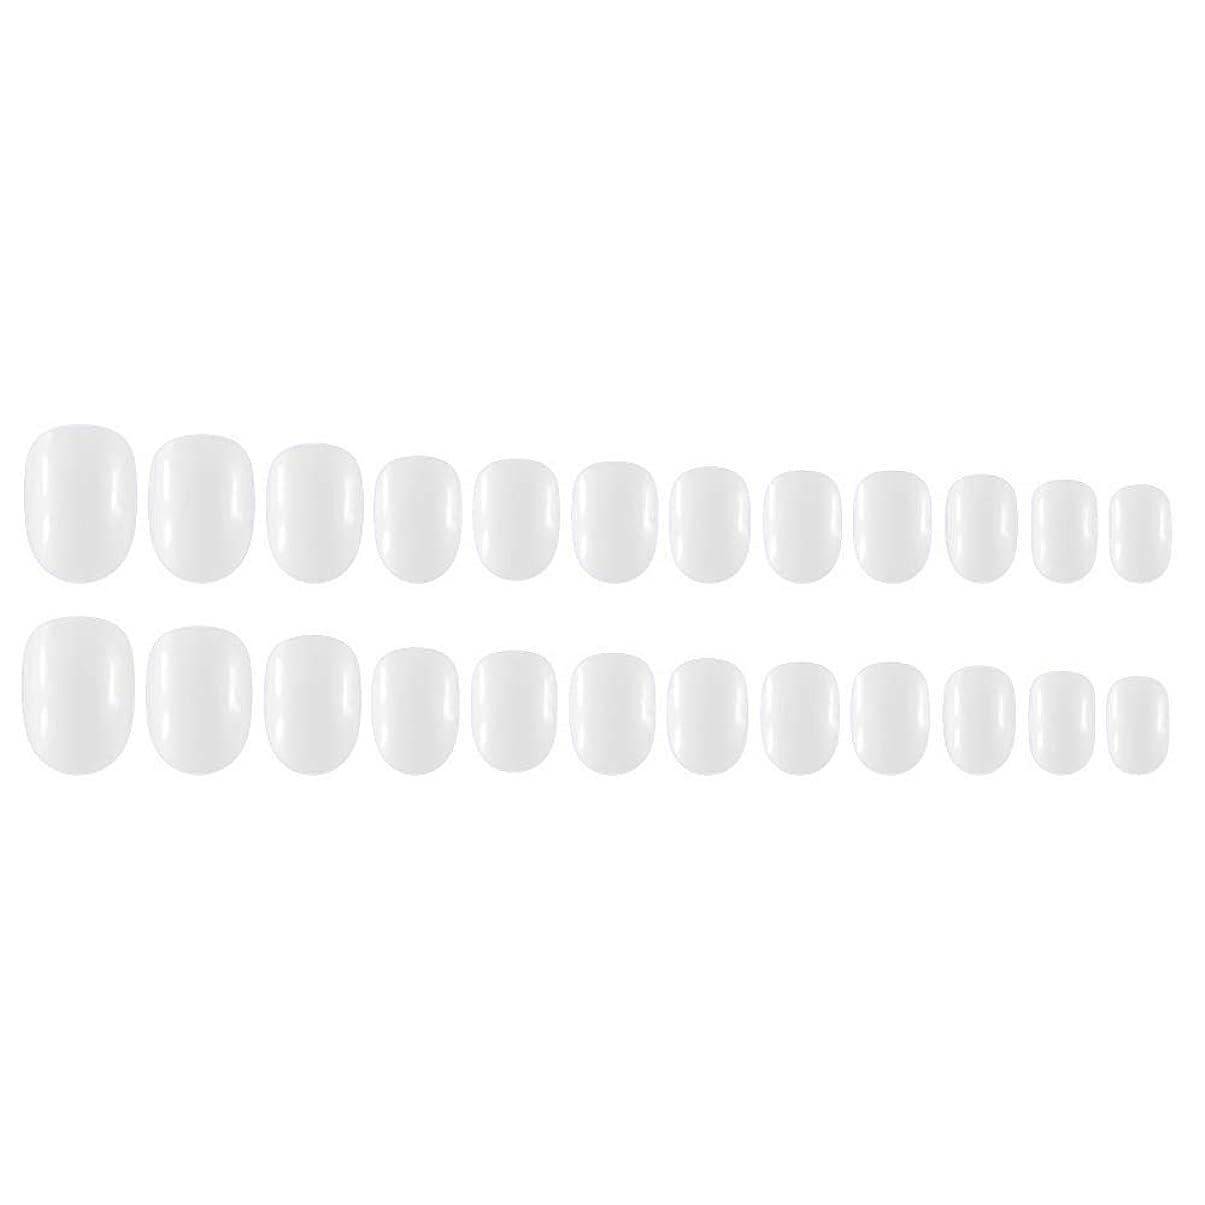 比較長さ毎年Decdeal Decdeal ネイルチップ 24ピース 12異なるサイズ diy サロン ネイルアートツール 偽